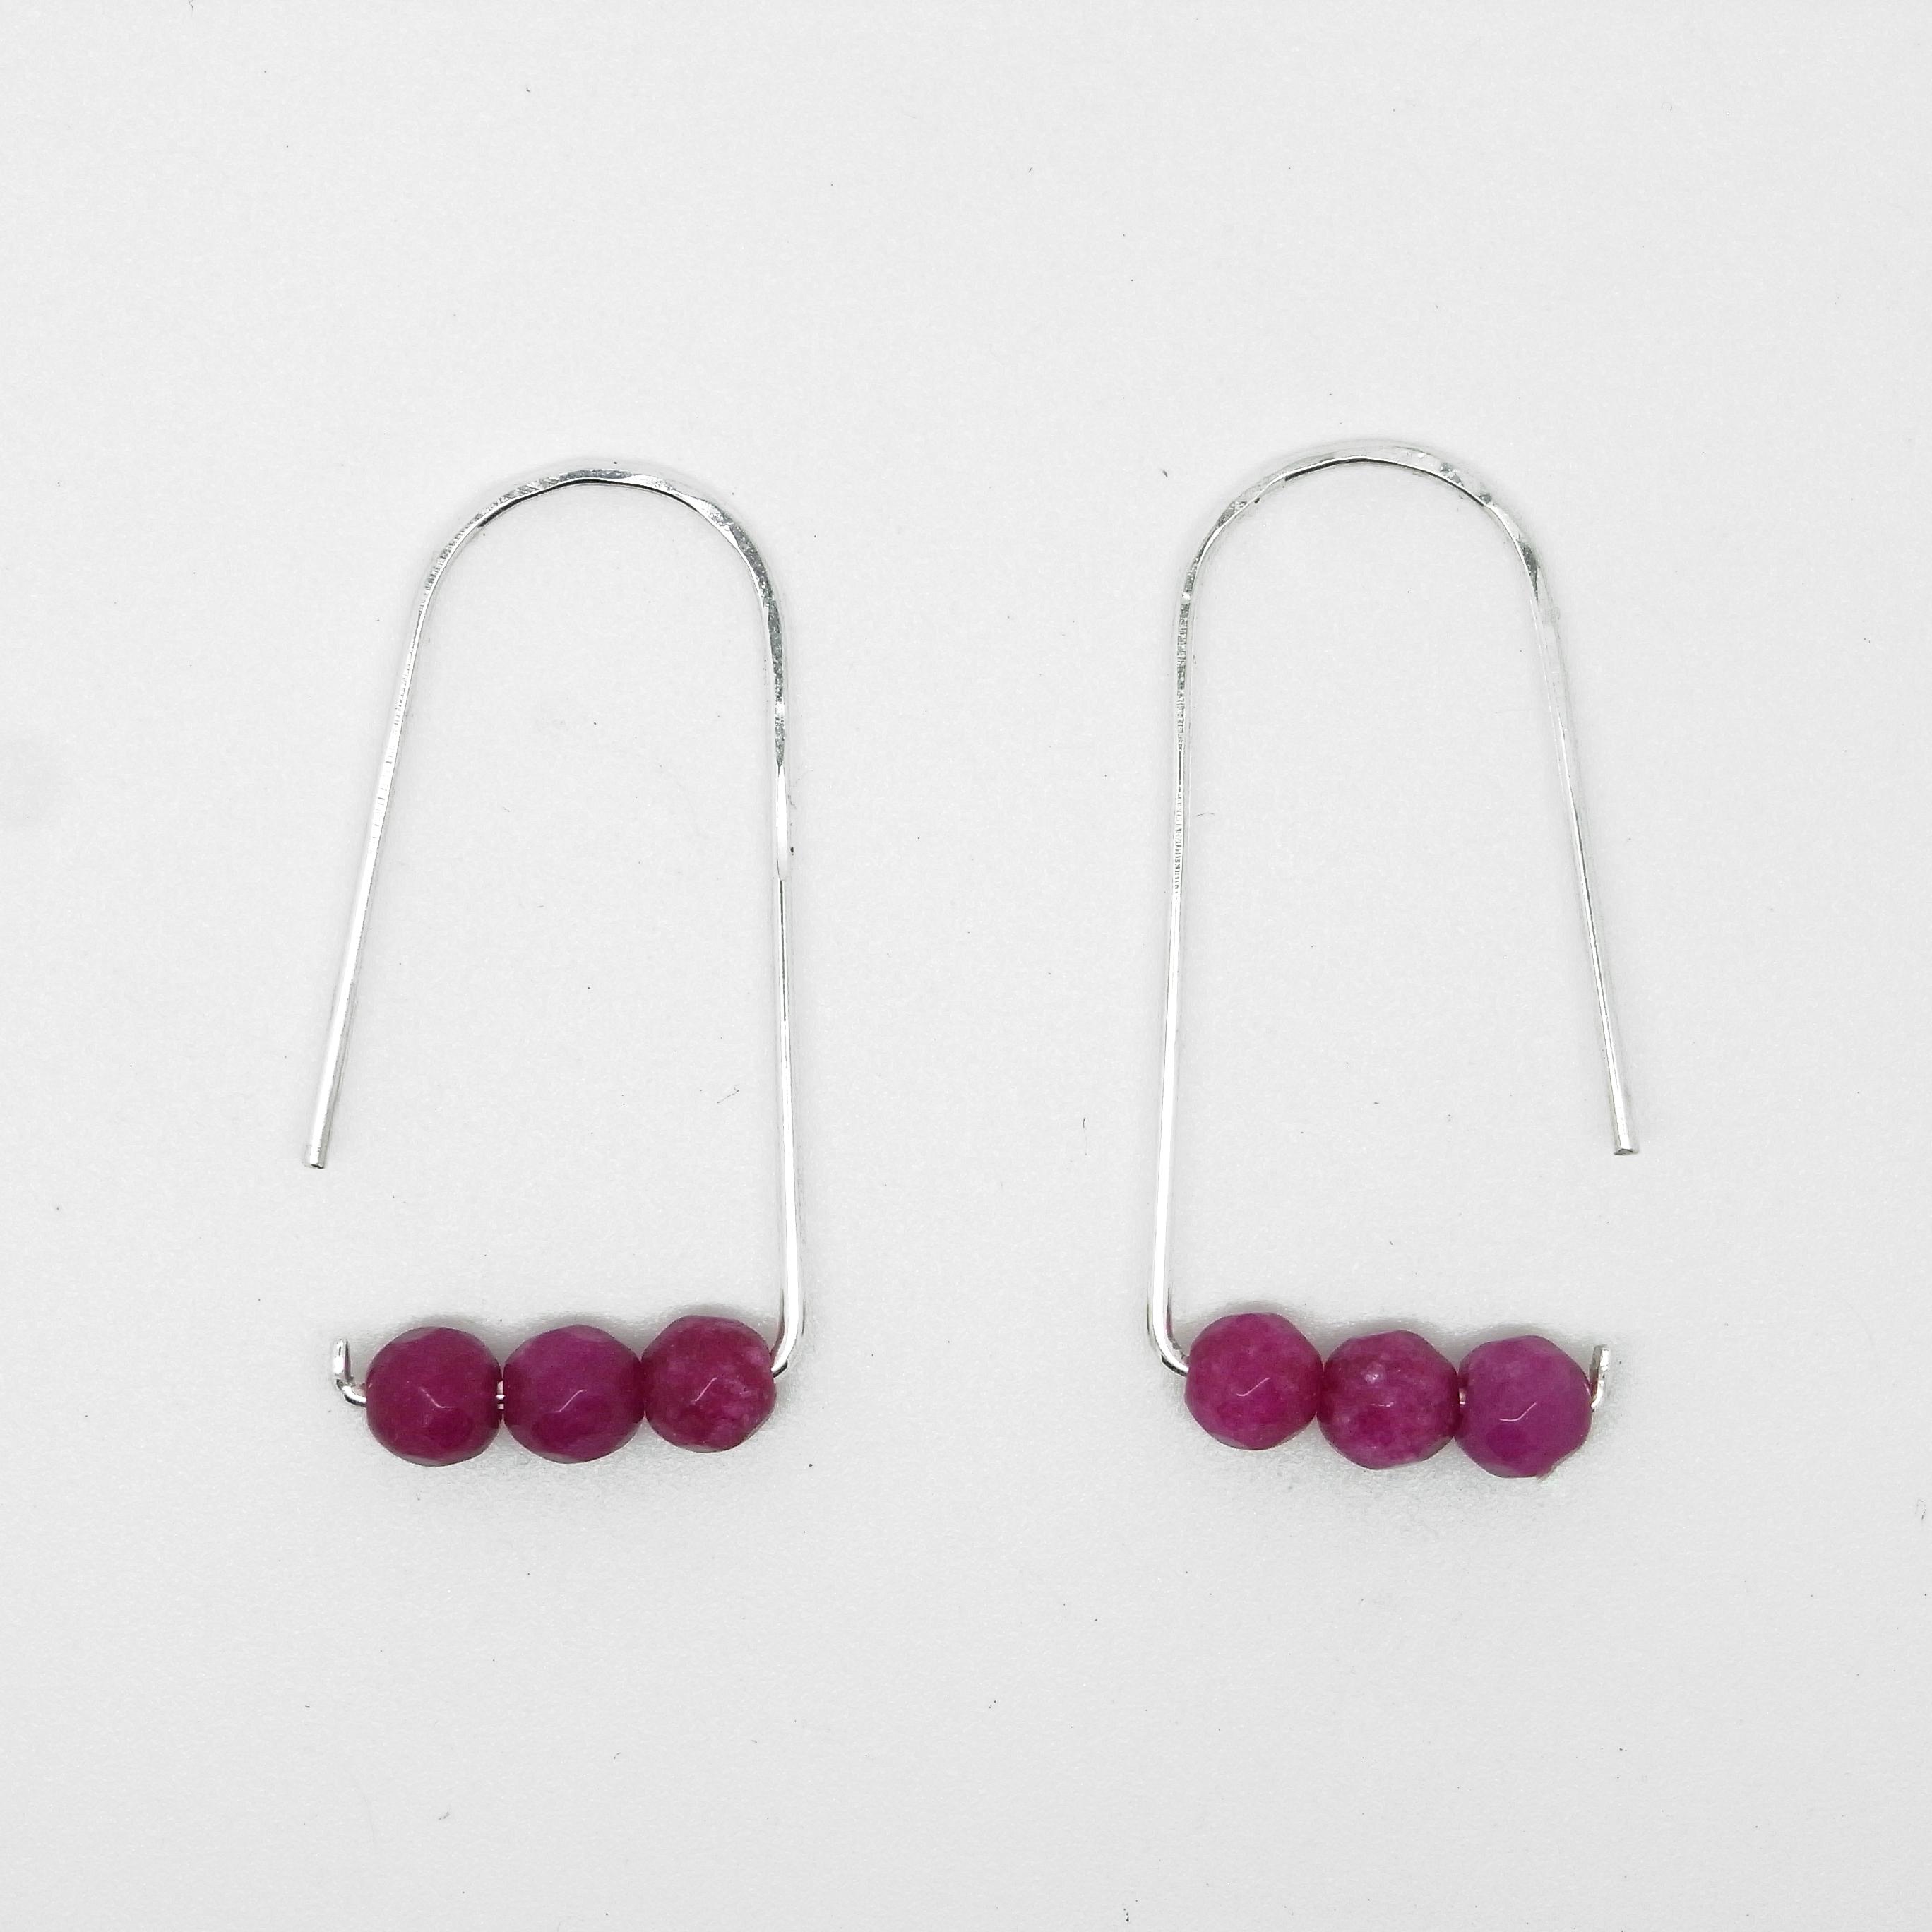 Semi Precious Bead Earrings Pink / Purple